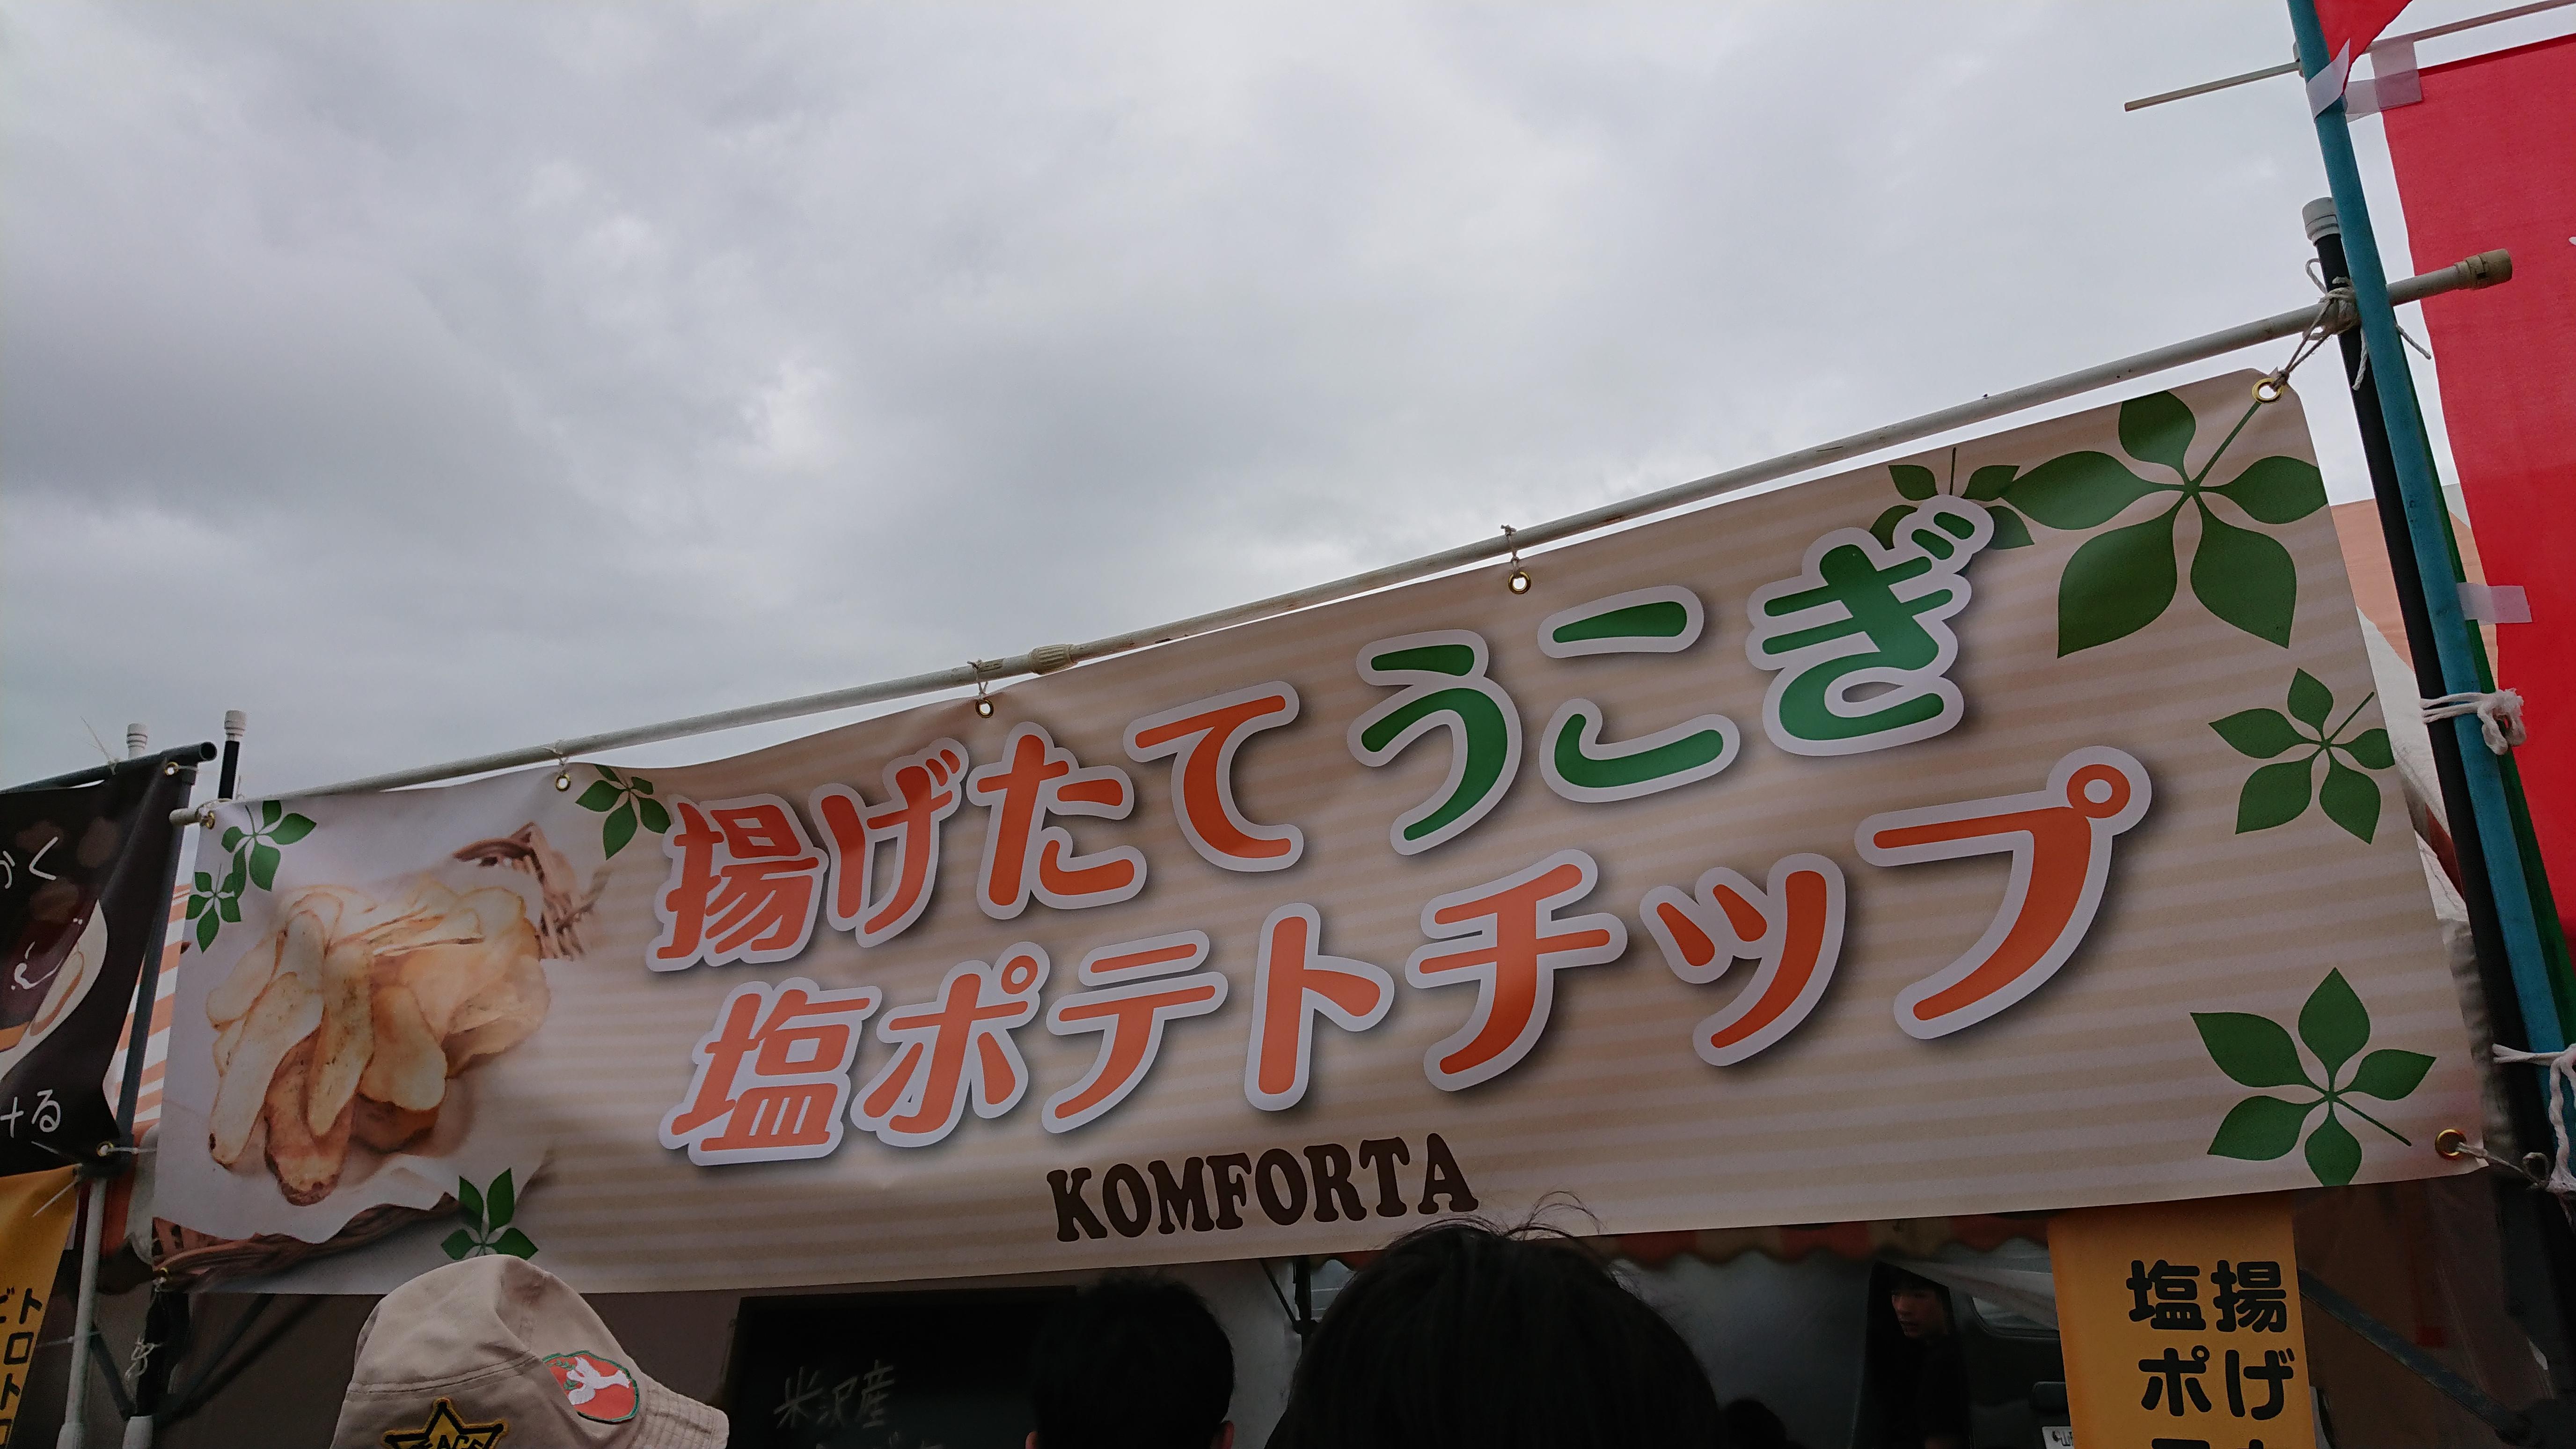 Y-1 横断幕 イベント コンフォルタ